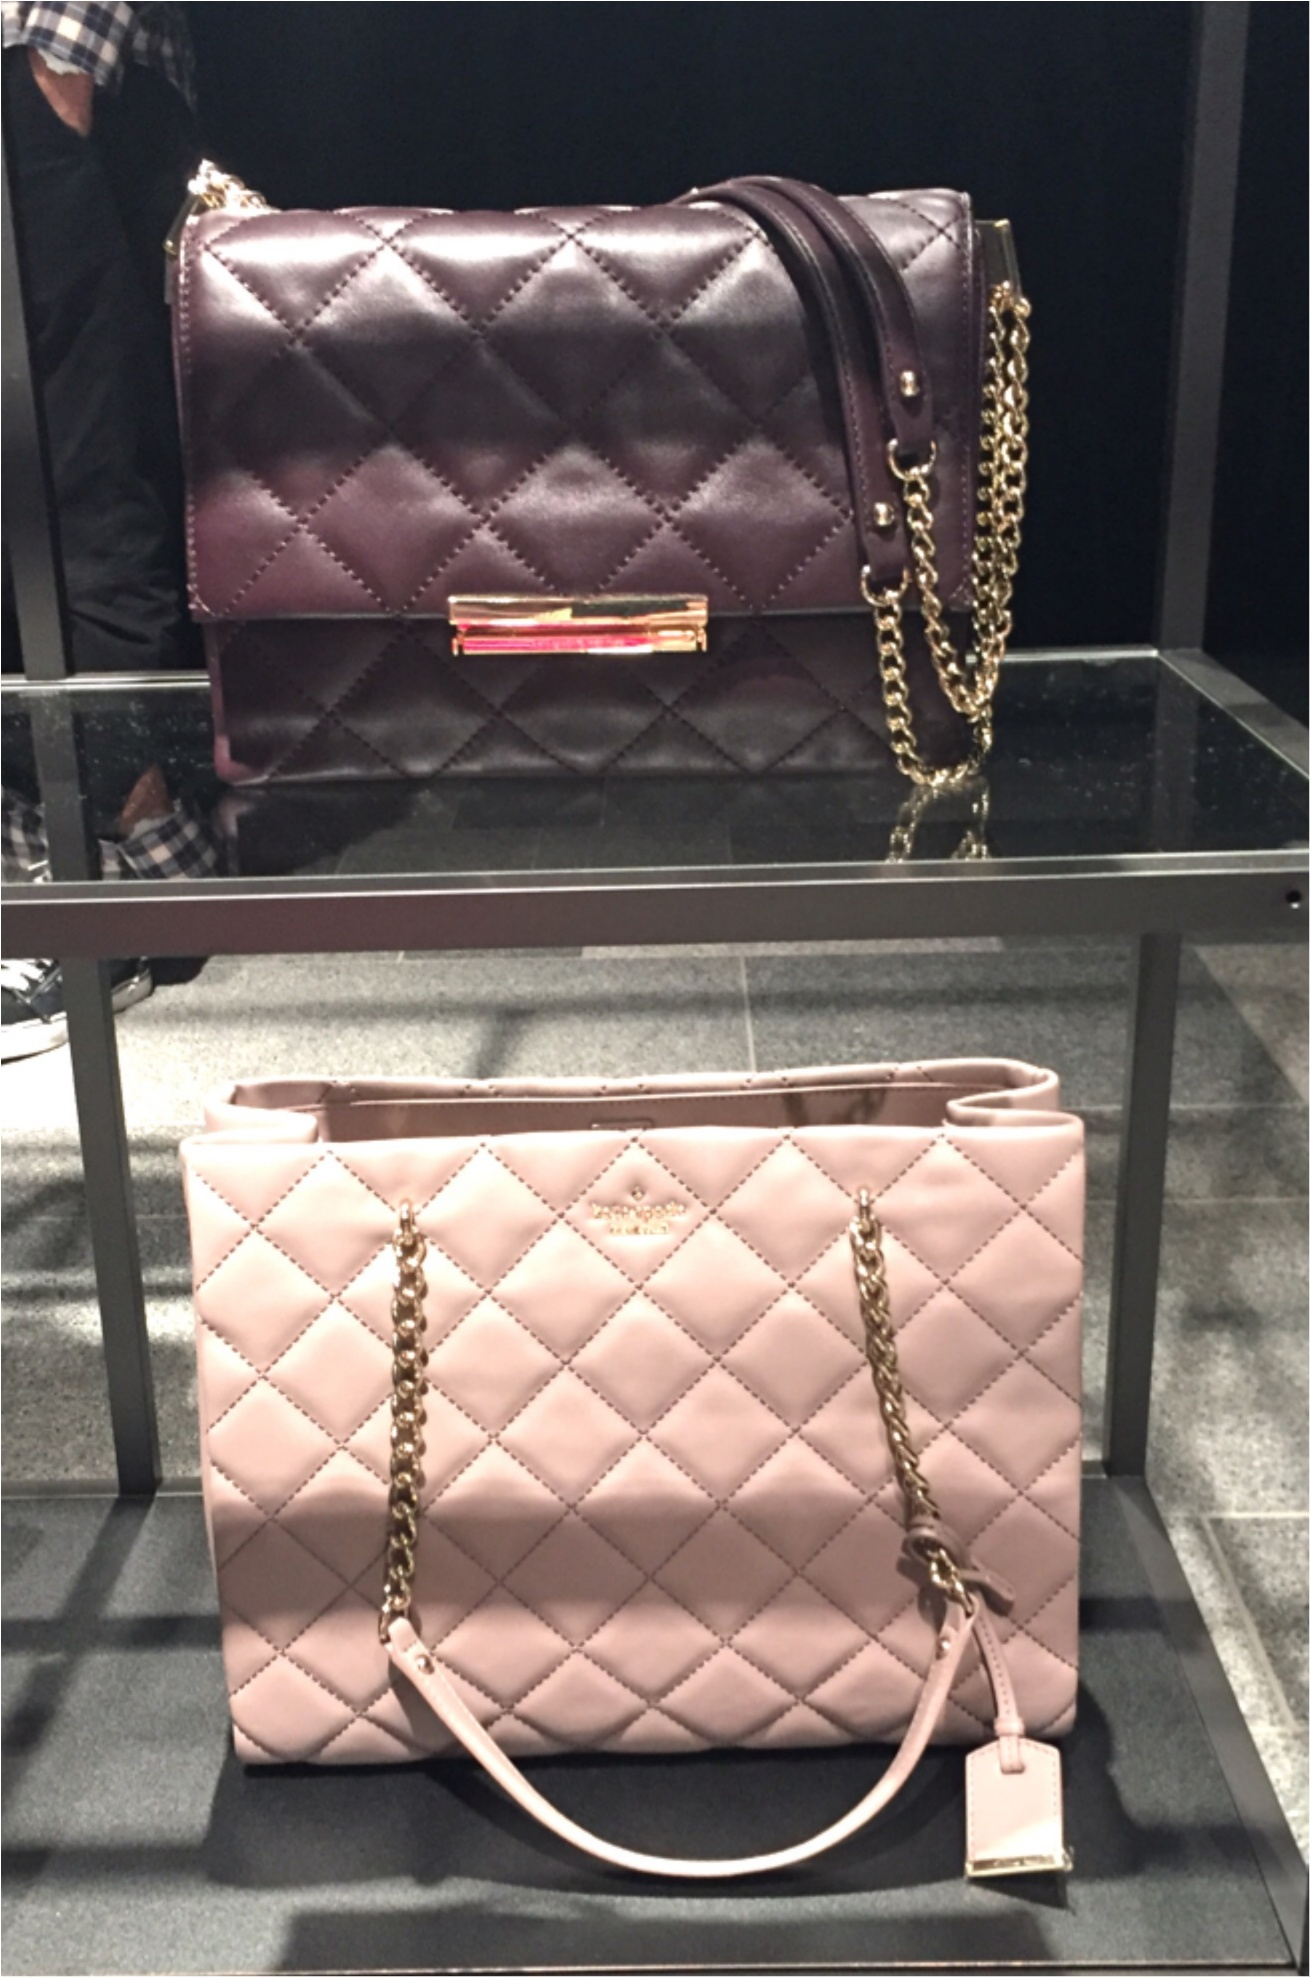 ケイト・スペード ニューヨーク、秋のバッグはどれを選ぶ?_8